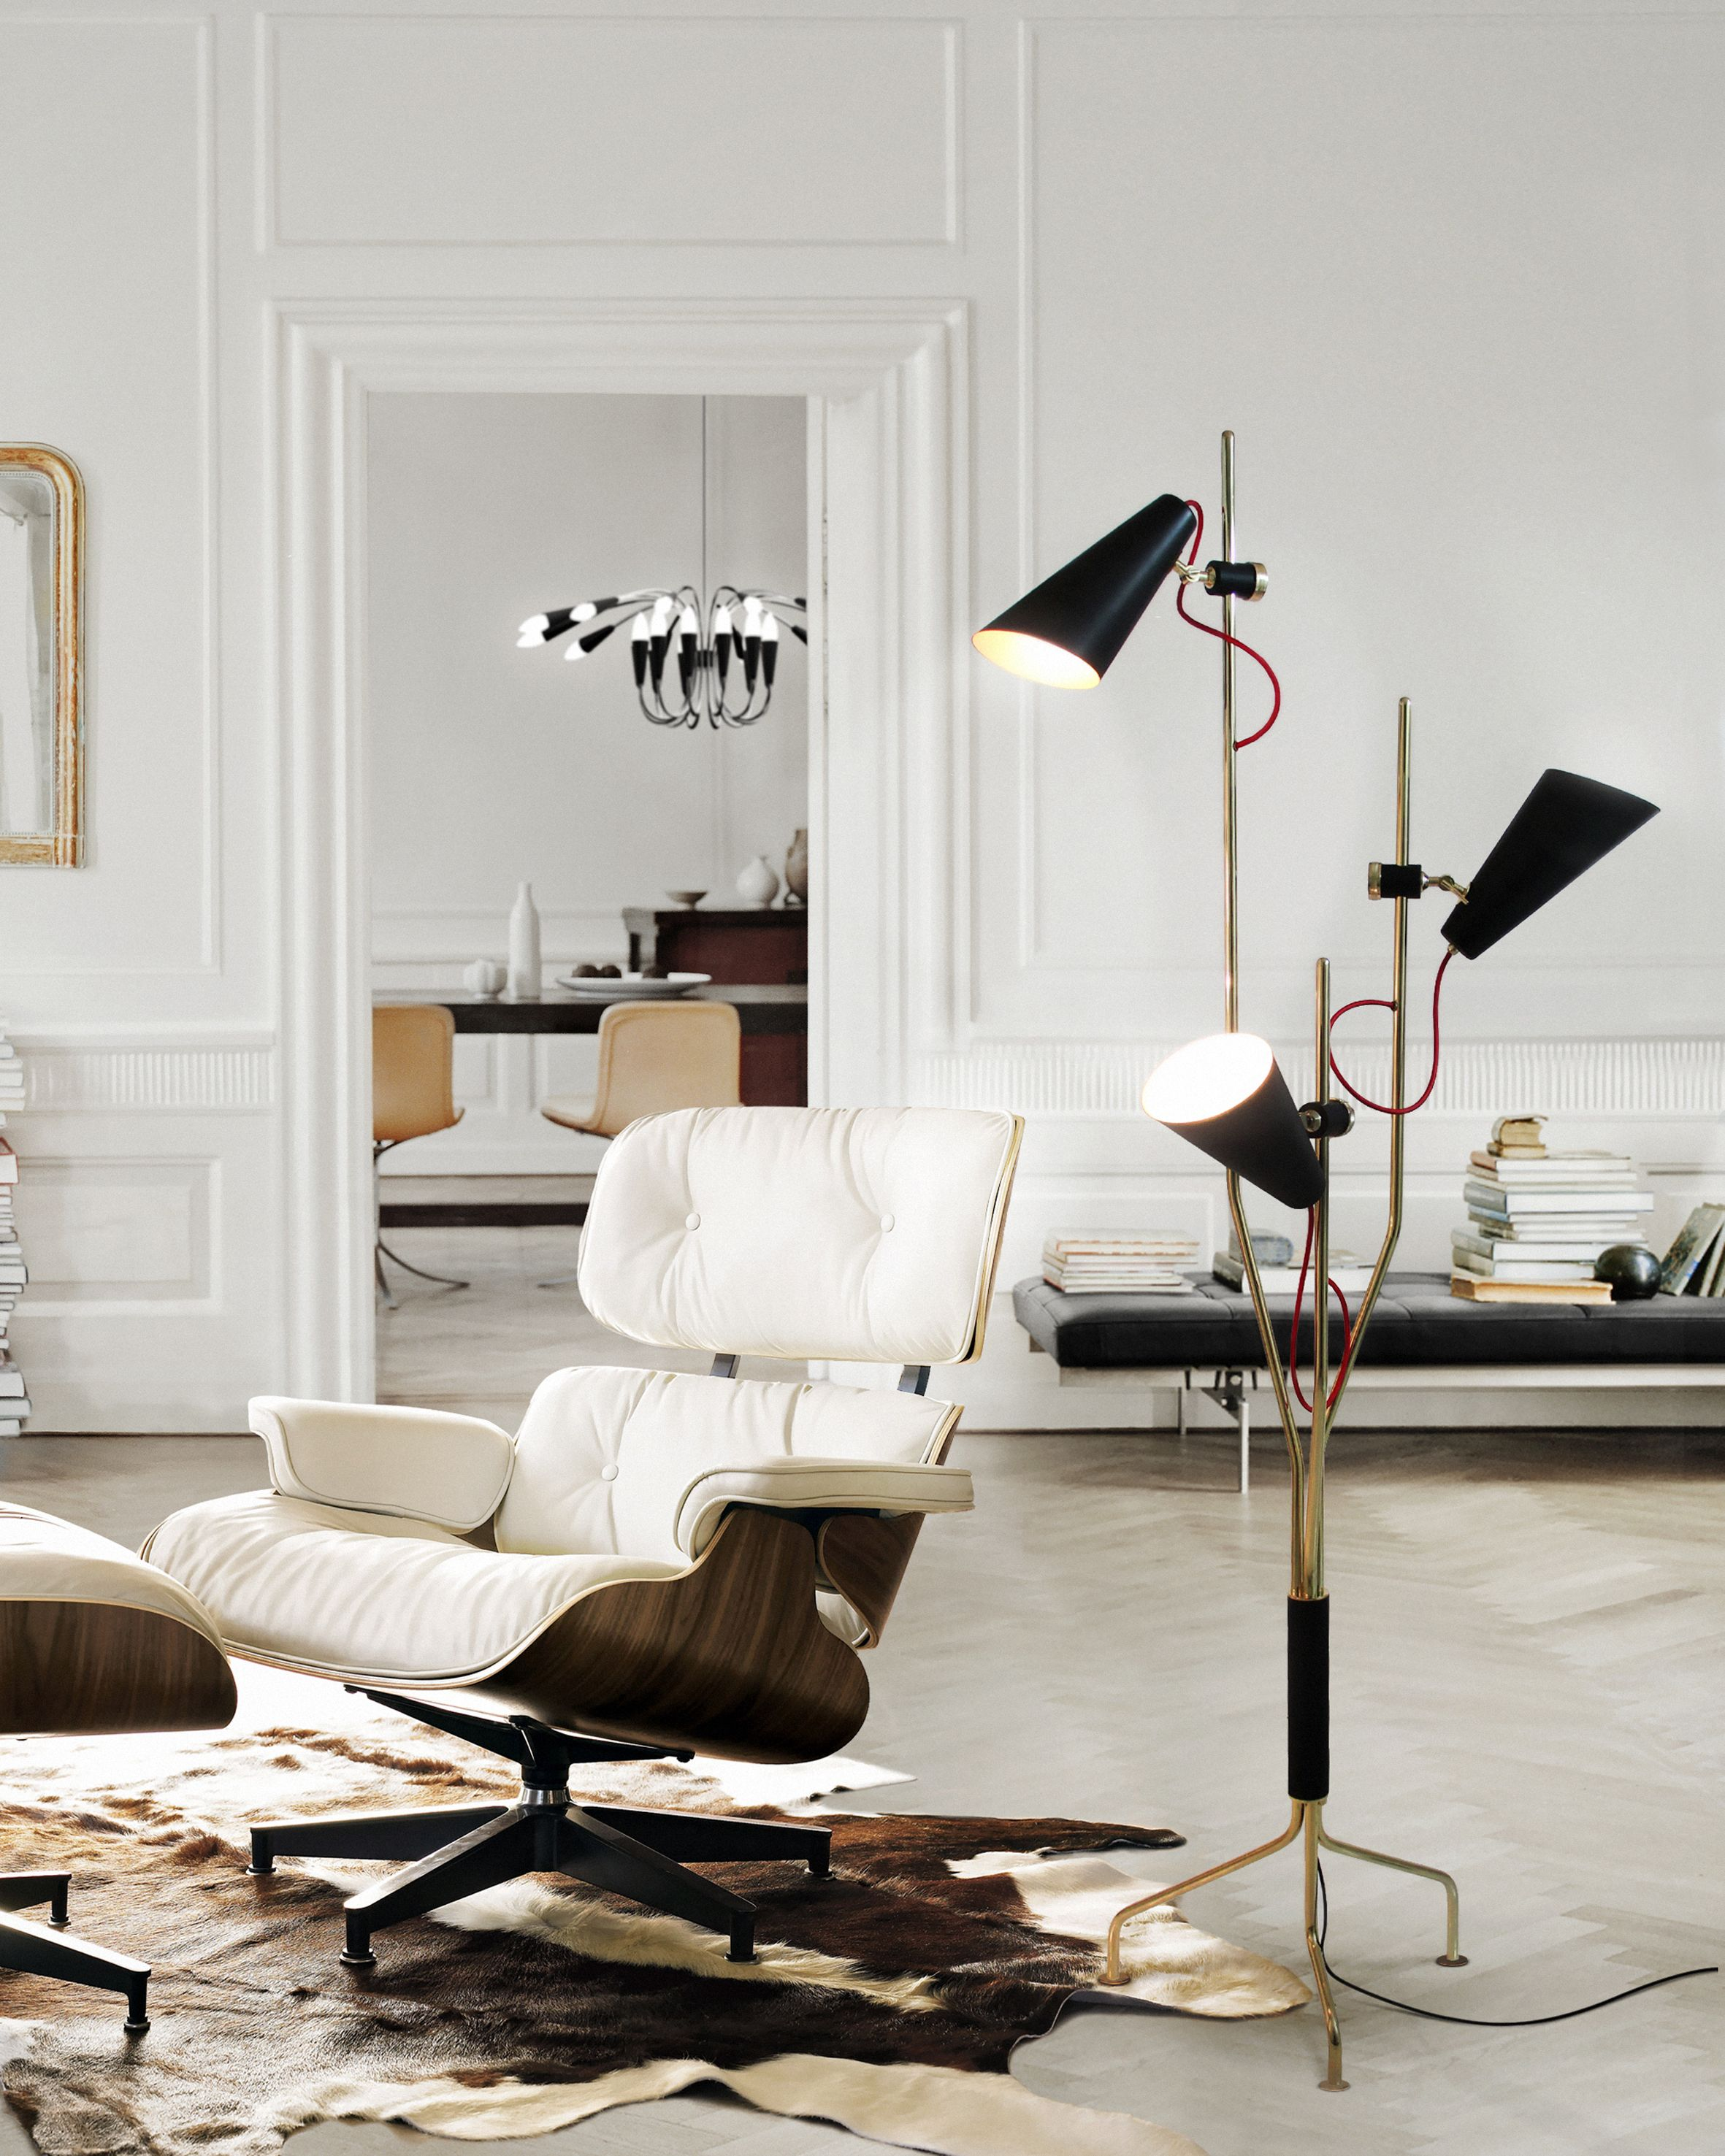 Www.wohn Designtrend.de Samt Sofa | Wohnideen | Einrichtungsideen | Schöner  Wohnen